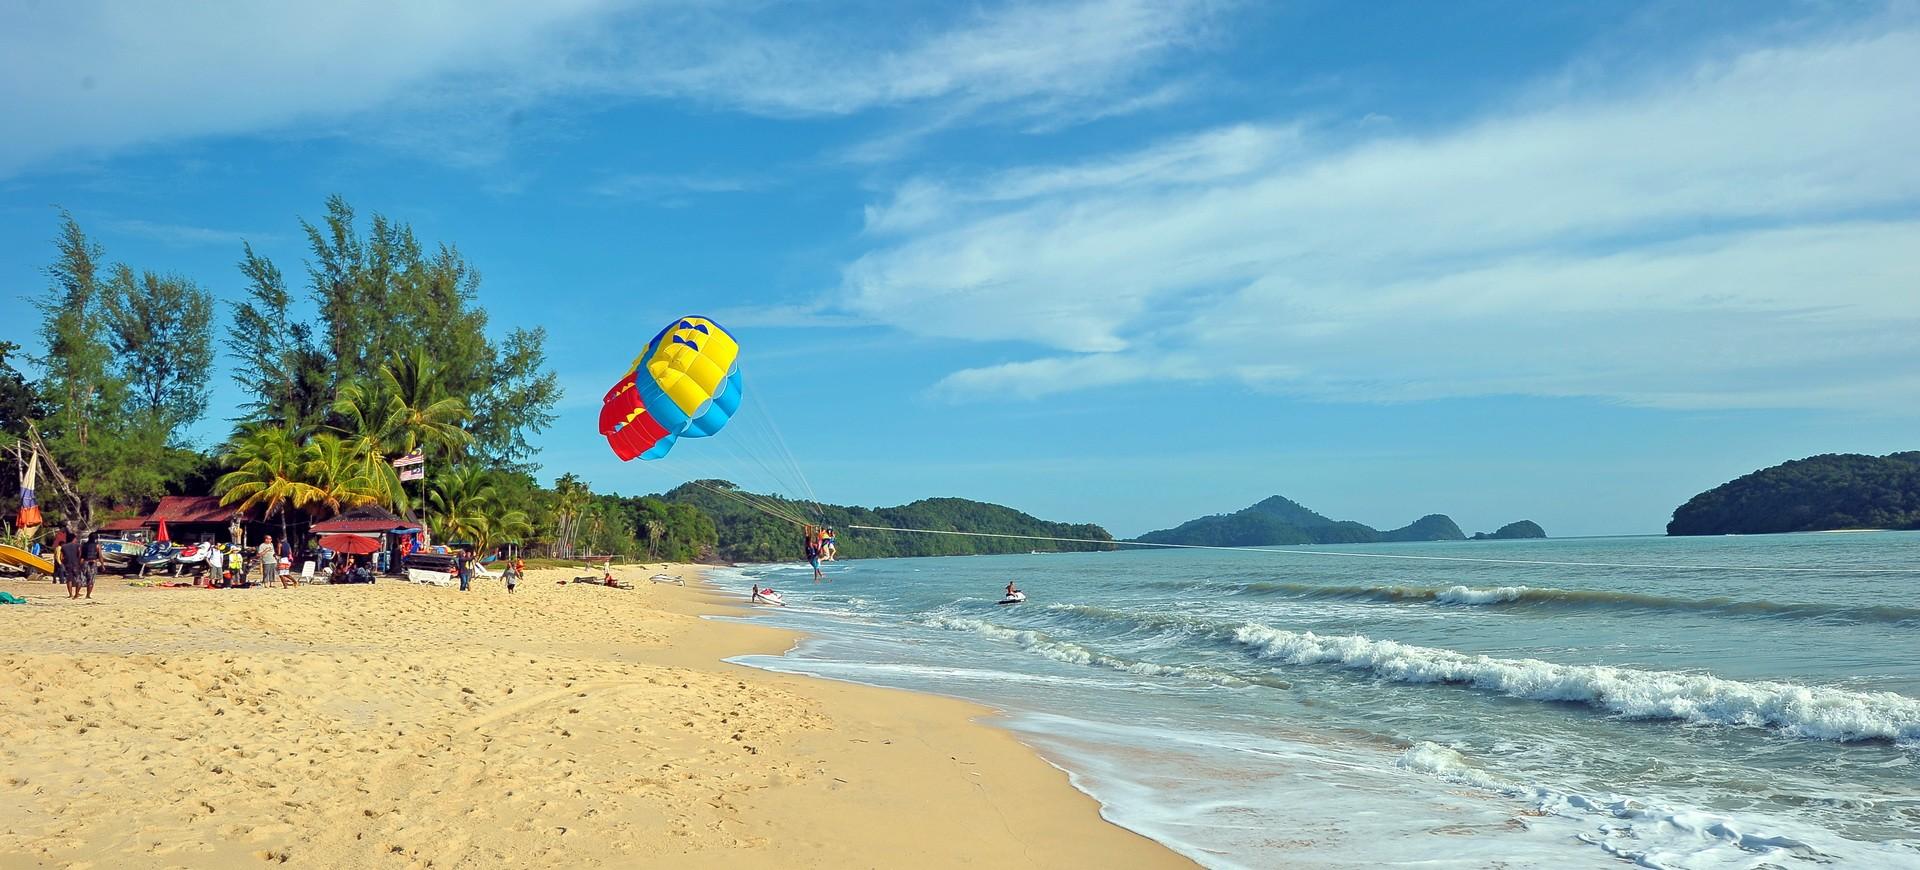 Malaisie Ile de Langkawi Pantai Cenang Plage